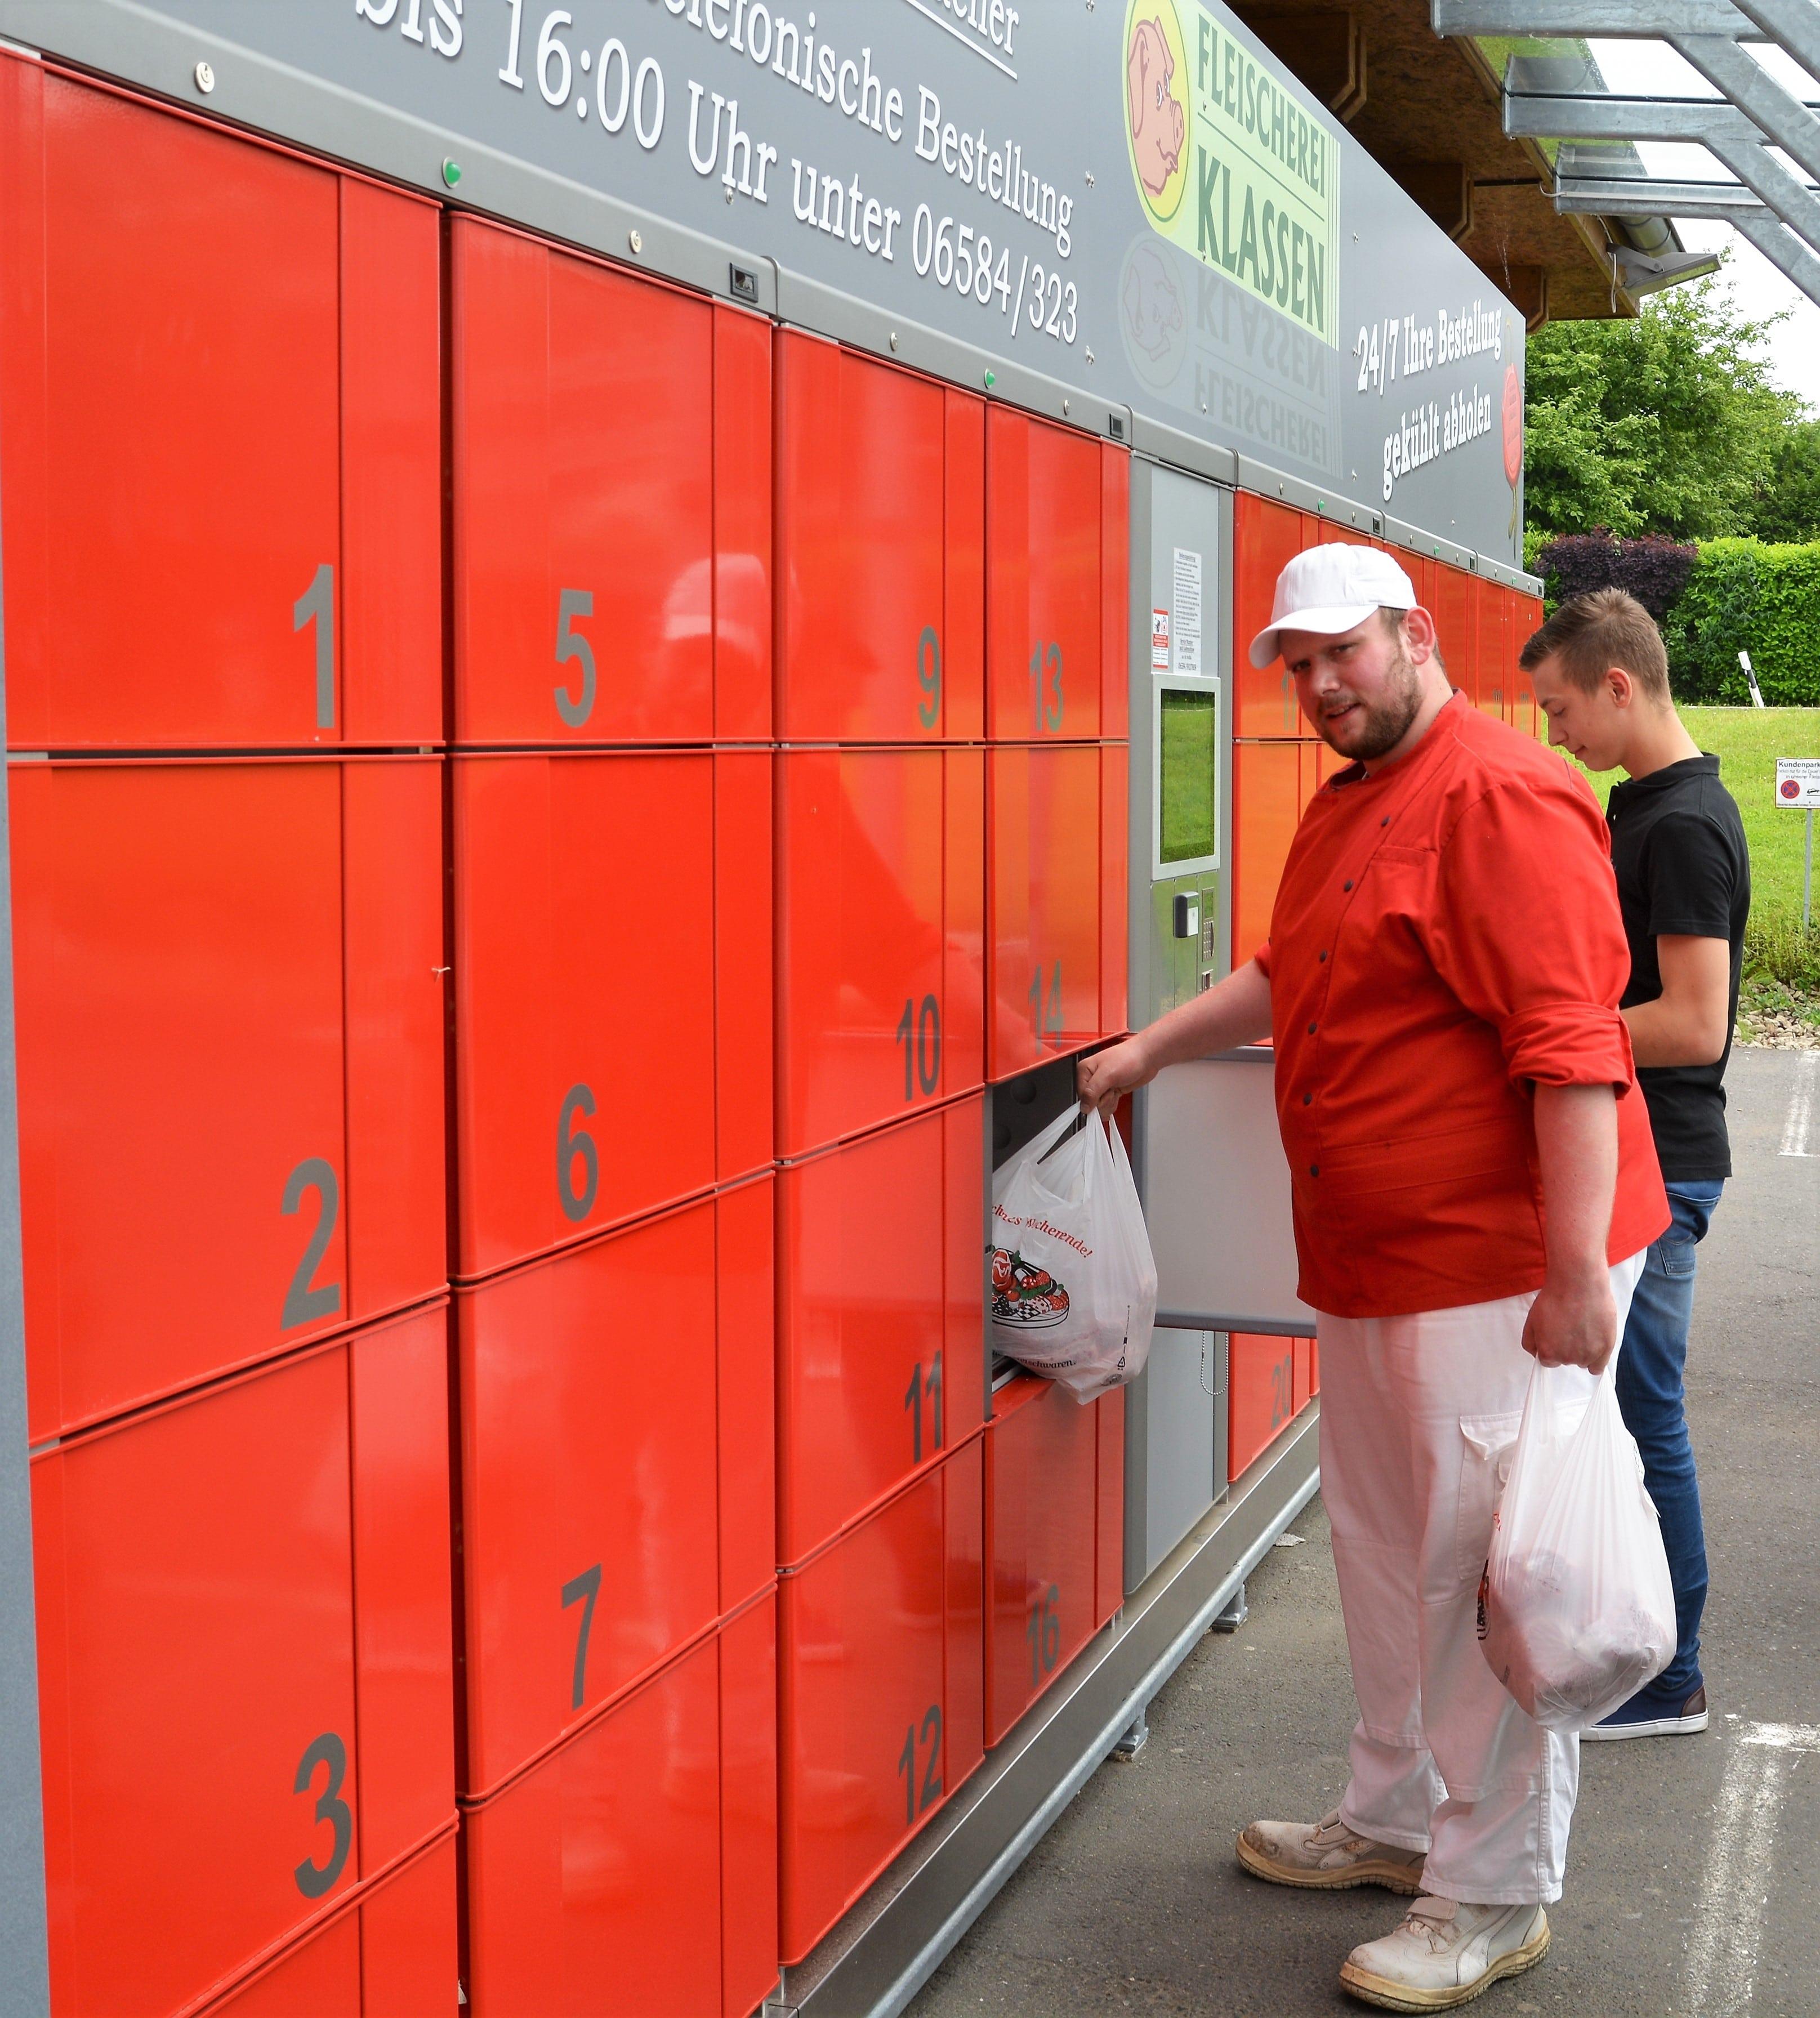 Taquillas refrigeradas – cool lockers. Estación de recogida refrigerada en el exterior al momento de la entrega.